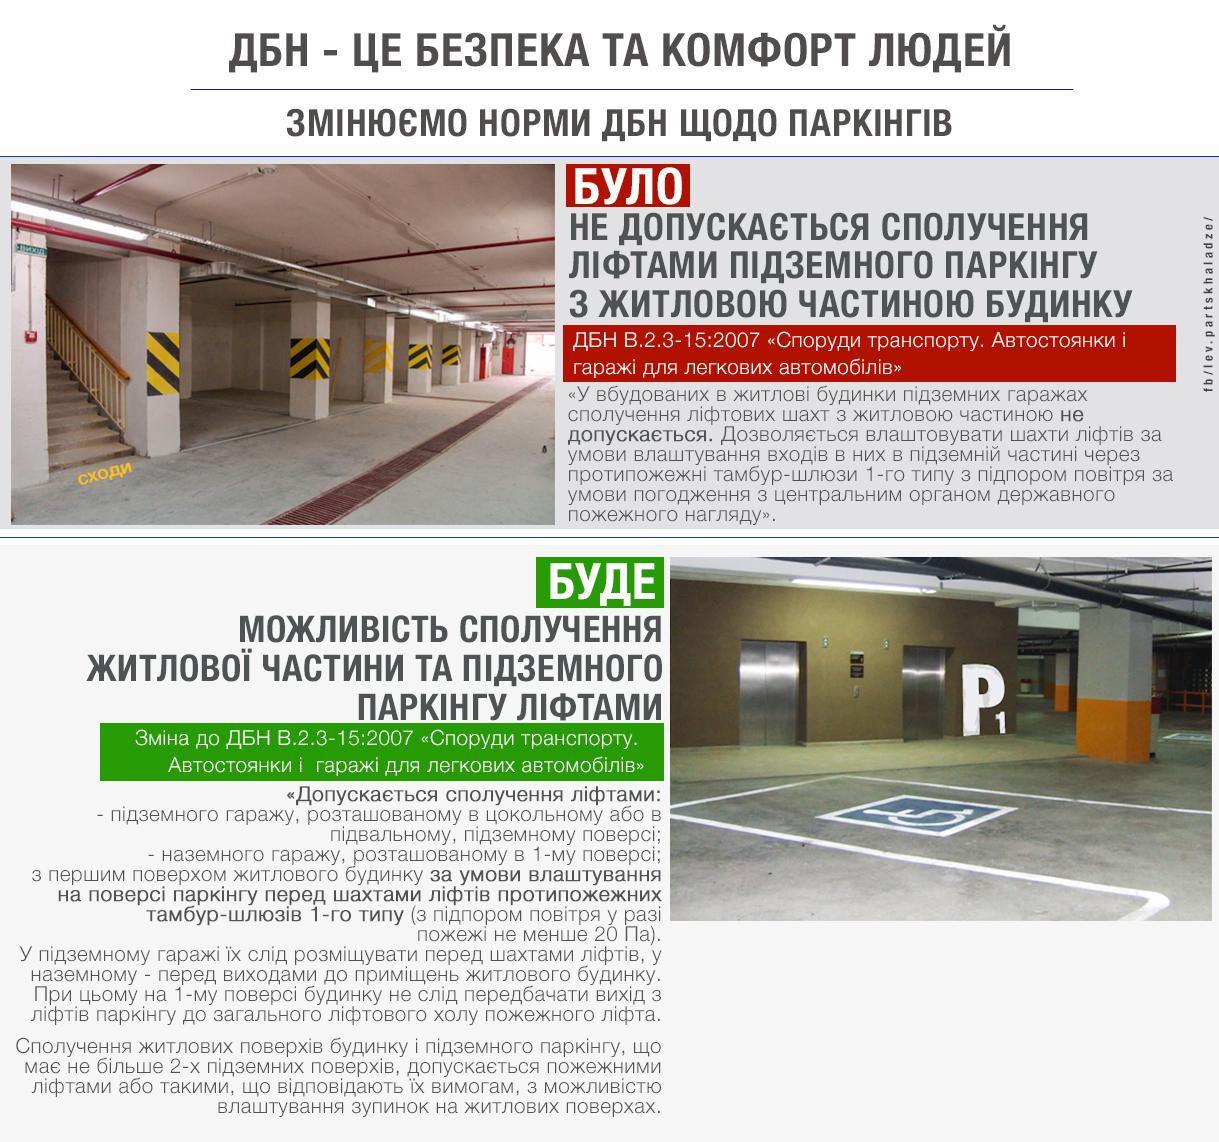 Лифты в Украине будут проектировать по-новому